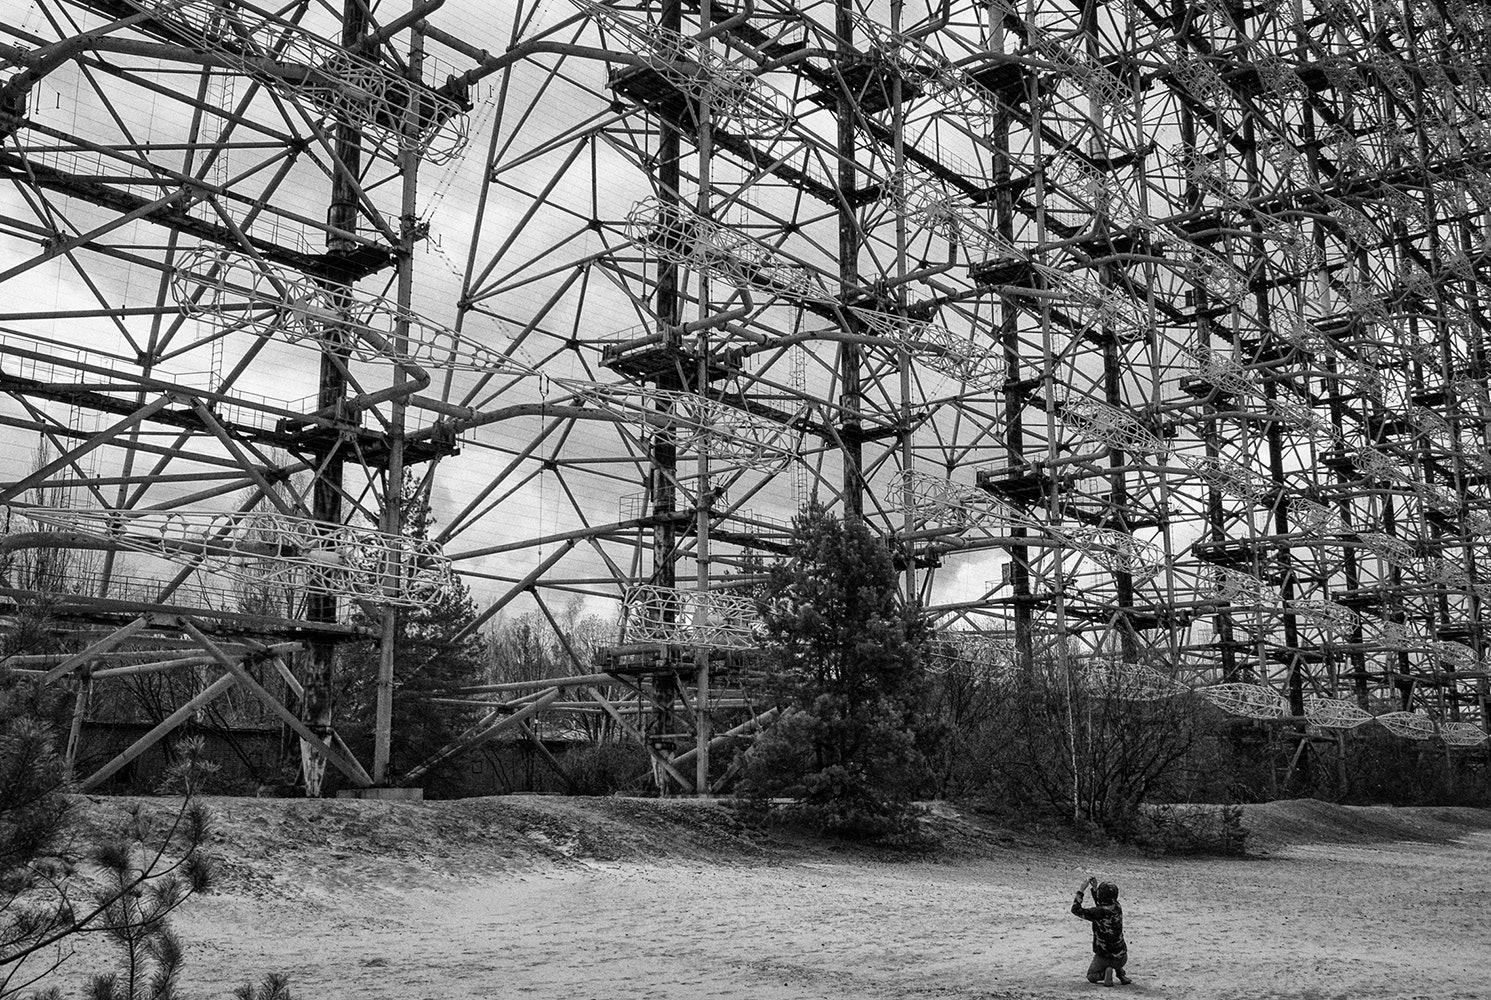 Lomakin-Pripyat_14